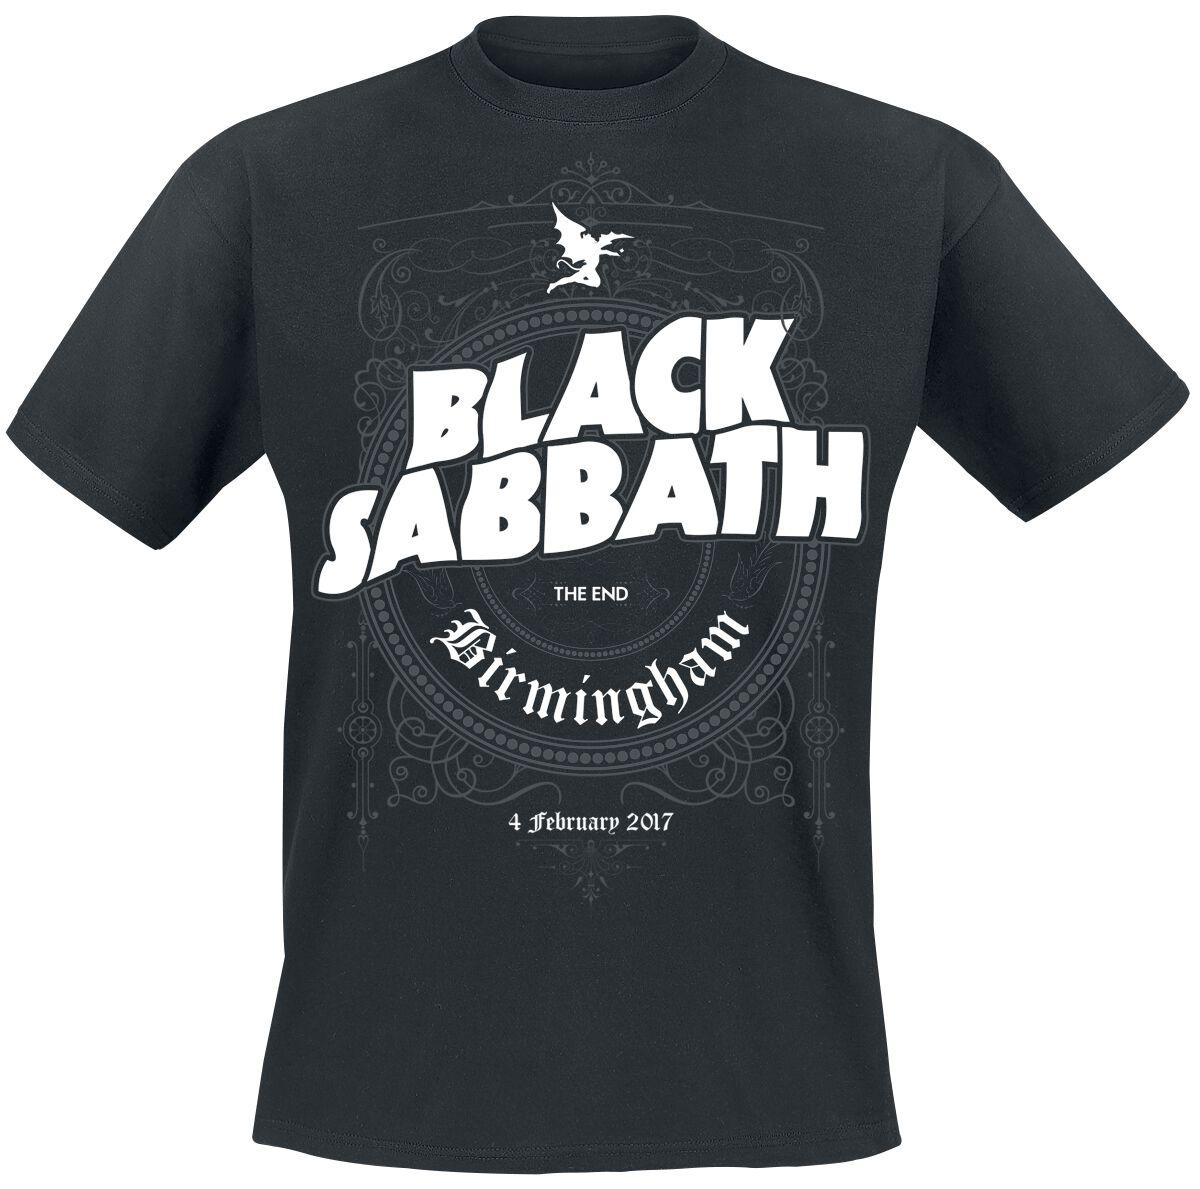 Image of   Black Sabbath The End Ornate Frame T-Shirt sort